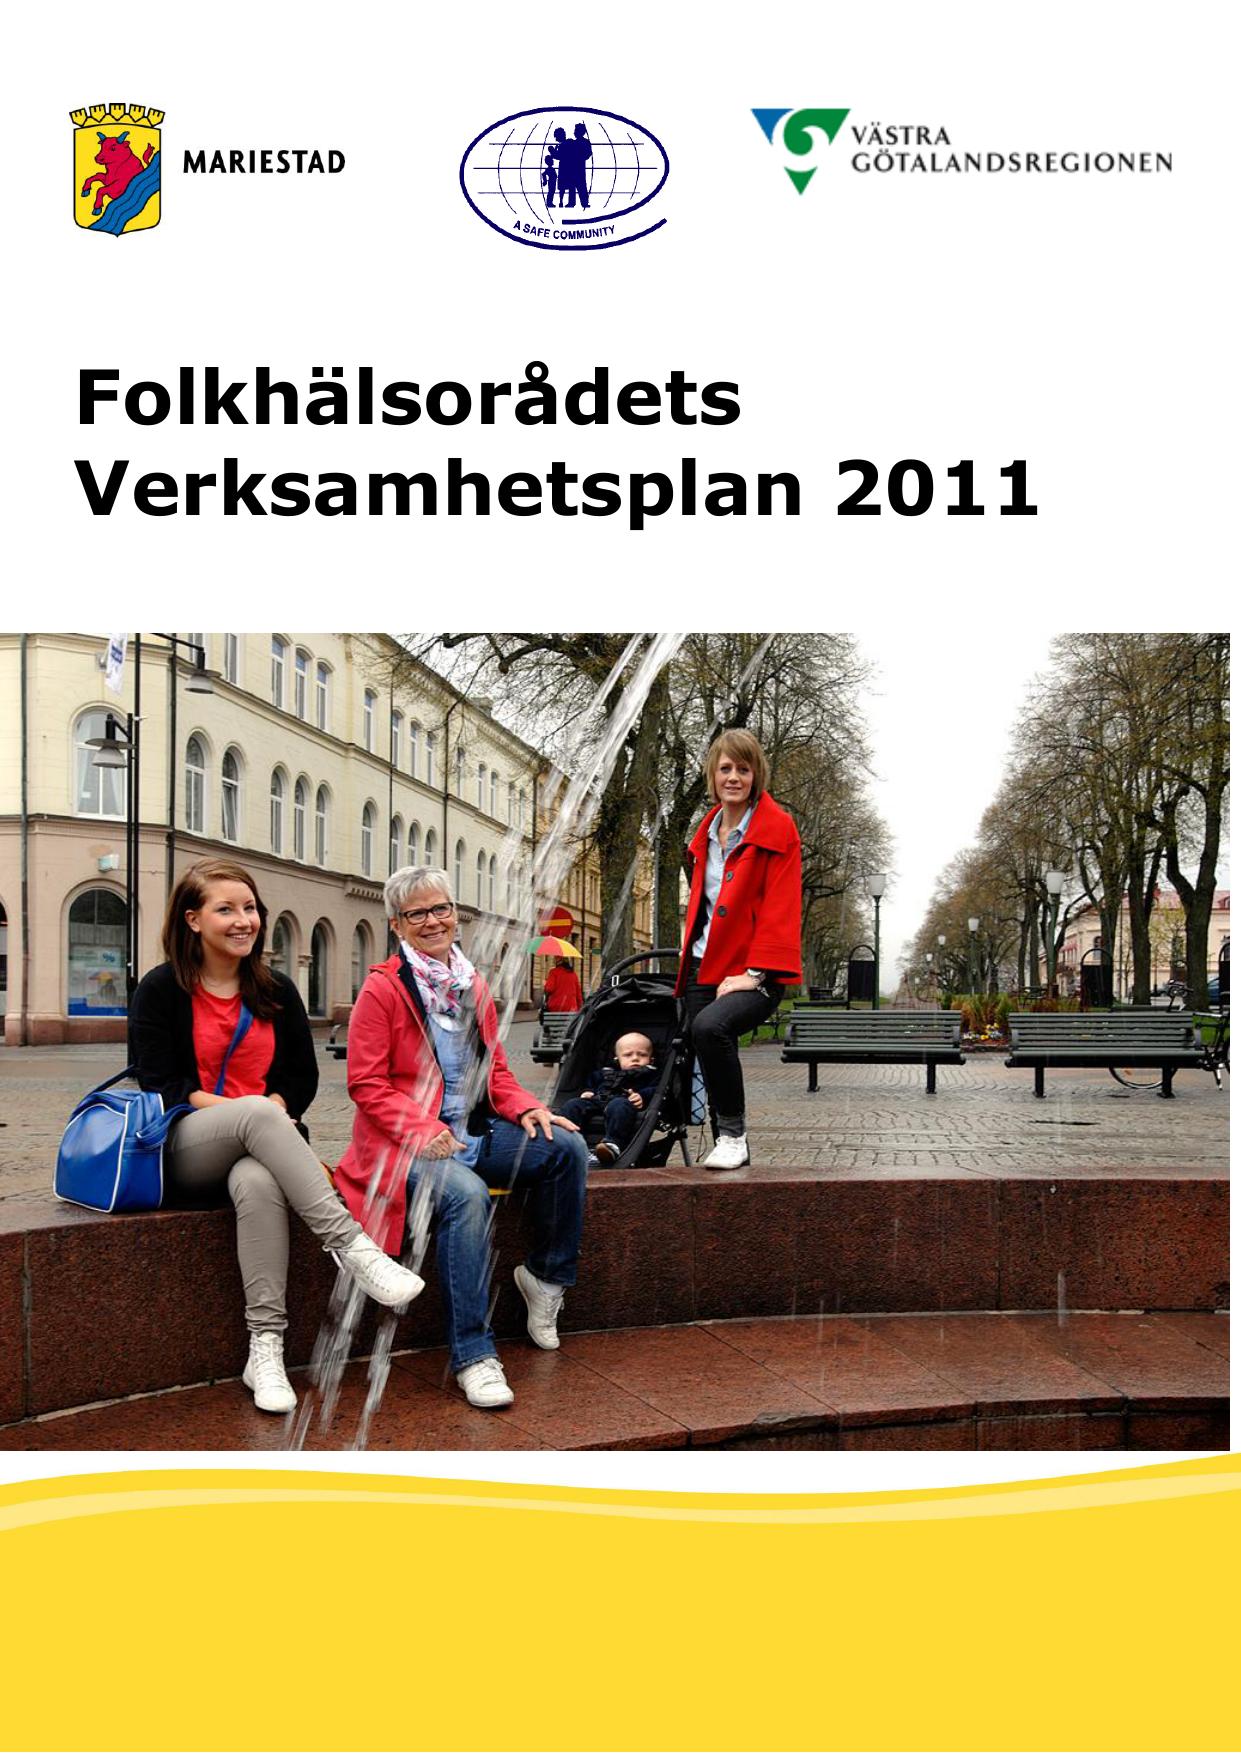 ppen verksamhet i Vsters   redteksystems.net